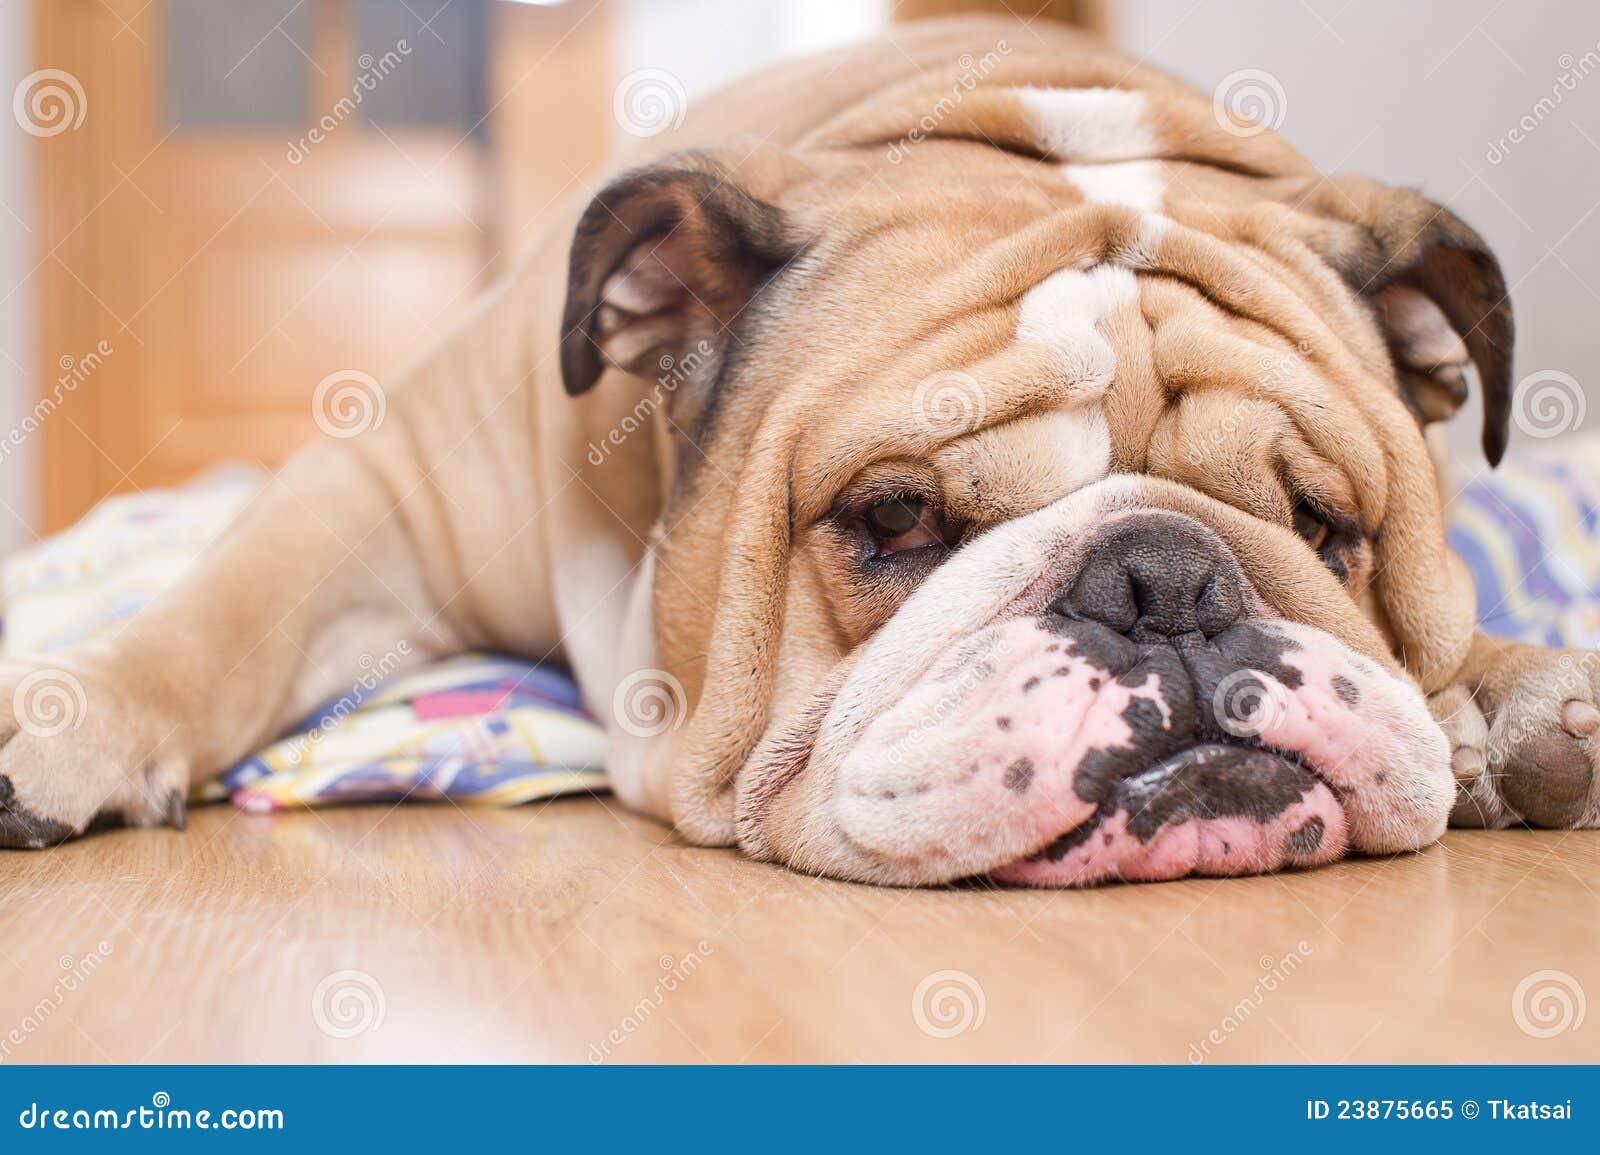 English Bulldog portrait